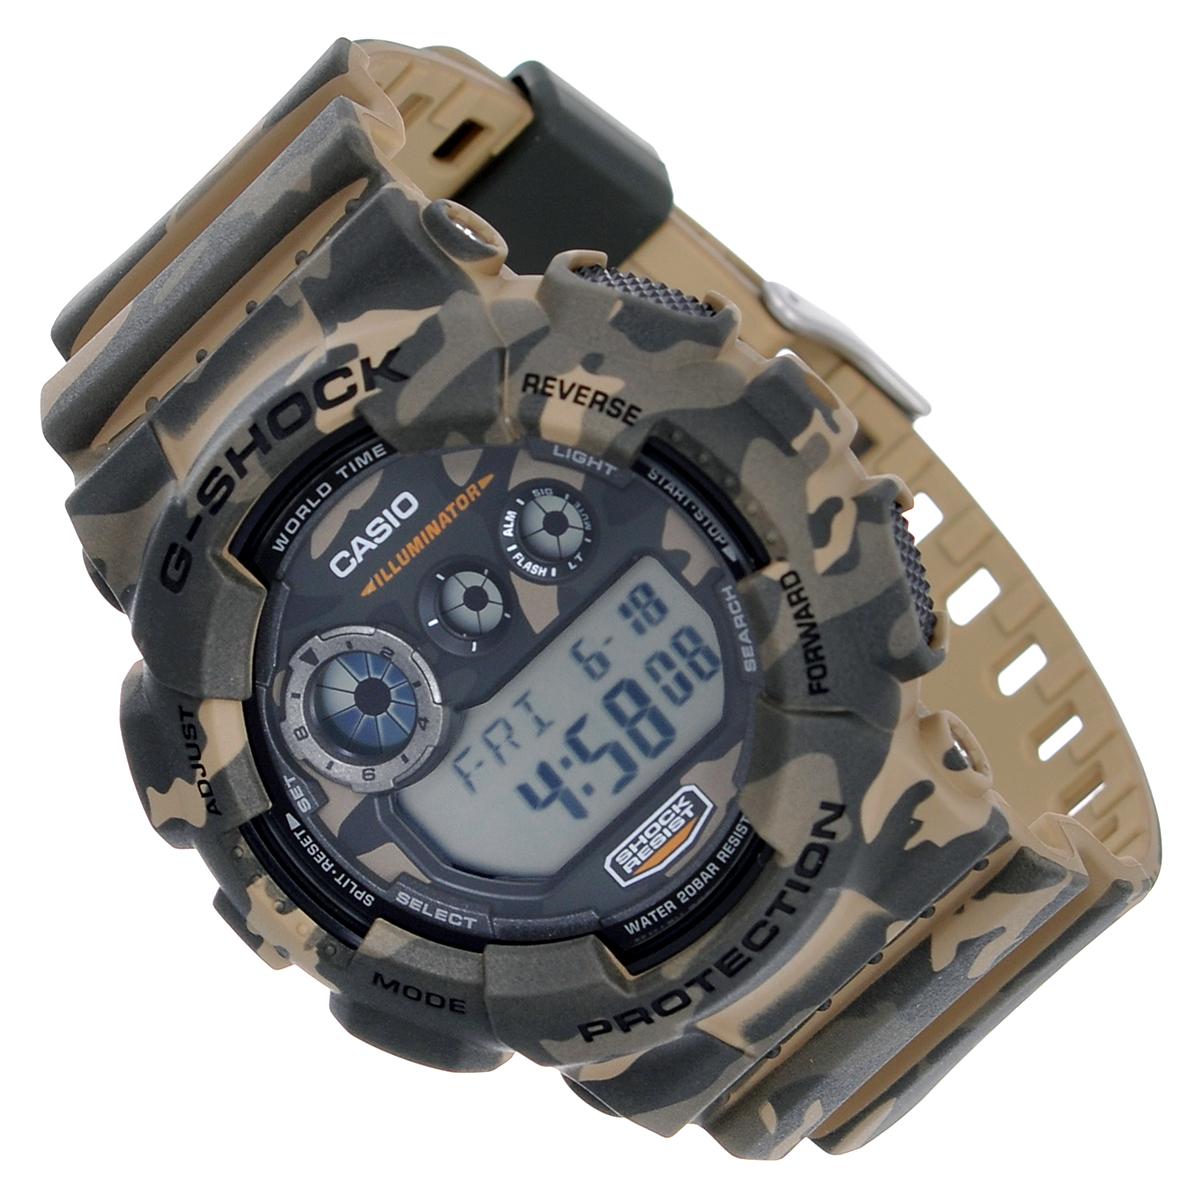 Часы мужские наручные Casio G-Shock, цвет: серый, камуфляж. GD-120CM-5EGD-120CM-5EСтильные часы G-Shock от японского брэнда Casio - это яркий функциональный аксессуар для современных людей, которые стремятся выделиться из толпы и подчеркнуть свою индивидуальность. Часы выполнены в спортивном стиле. Корпус имеет ударопрочную конструкцию, защищающую механизм от ударов и вибрации. Циферблат подсвечивается светодиодной автоматической подсветкой. При движении руки дисплей освещается ярким светом. Ремешок из мягкого пластика имеет классическую застежку.Основные функции: -5 будильников, один из которых с функцией Snooze, ежечасный сигнал; -автоматический календарь (число, месяц, день недели, год); -сплит-хронограф; -секундомер с точностью показаний 1/100 с, время измерения 24 часа; -12-ти и 24-х часовой формат времени; -таймер обратного отсчета от 1 мин до 24 ч; -мировое время; -функция включения/отключения звука.Часы упакованы в фирменную коробку с логотипом Casio. Такой аксессуар добавит вашему образу стиля и подчеркнет безупречный вкус своего владельца.Характеристики: Диаметр циферблата: 3,7 см.Размер корпуса: 5,8 см х 5,4 см х 2 см.Длина ремешка (с корпусом): 25,5 см.Ширина ремешка: 2,2 см. STAINLESS STELL BACK MADE IN CHINA EL.